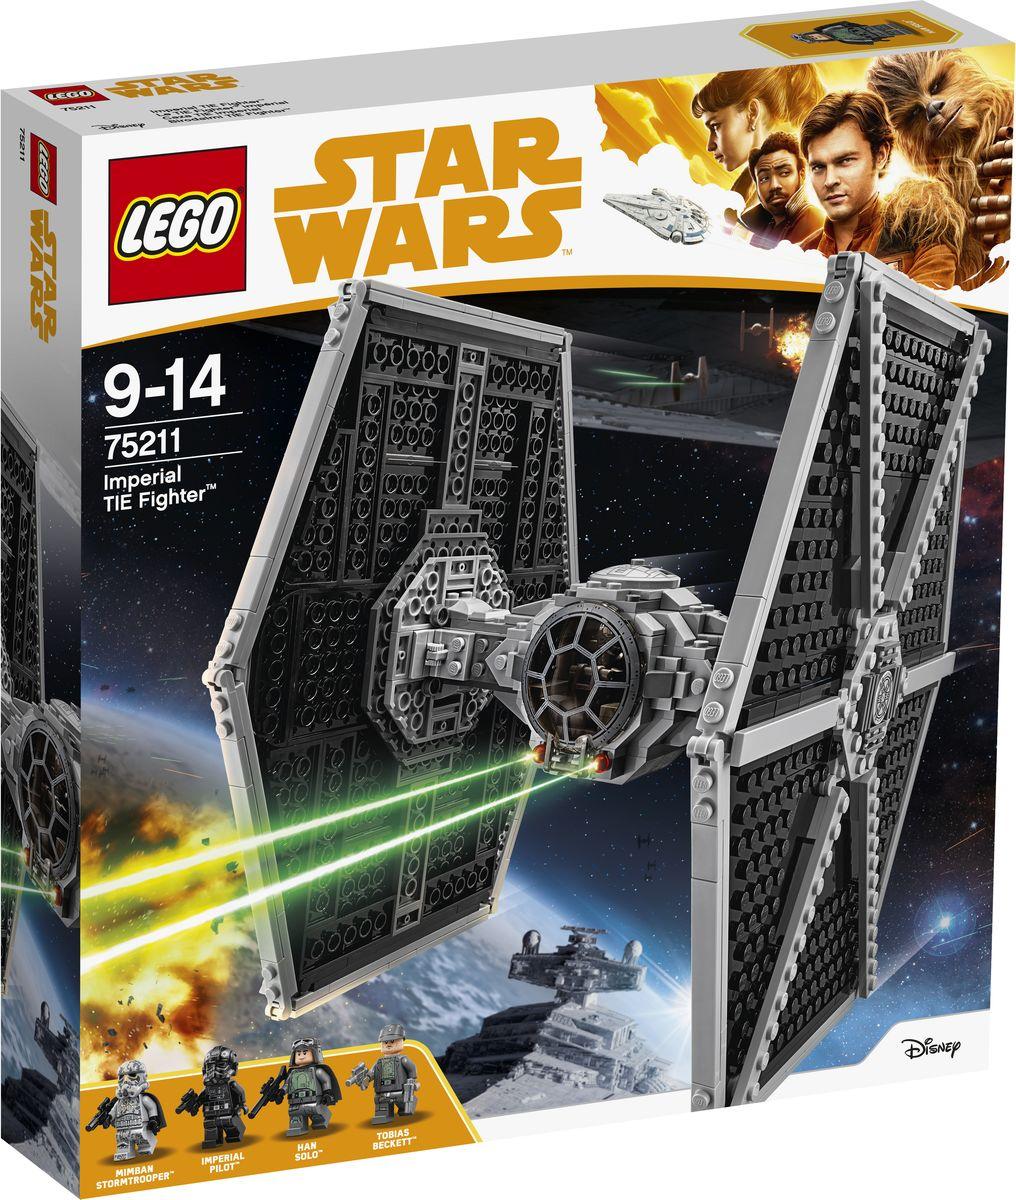 LEGO Star Wars Конструктор Имперский истребитель СИД